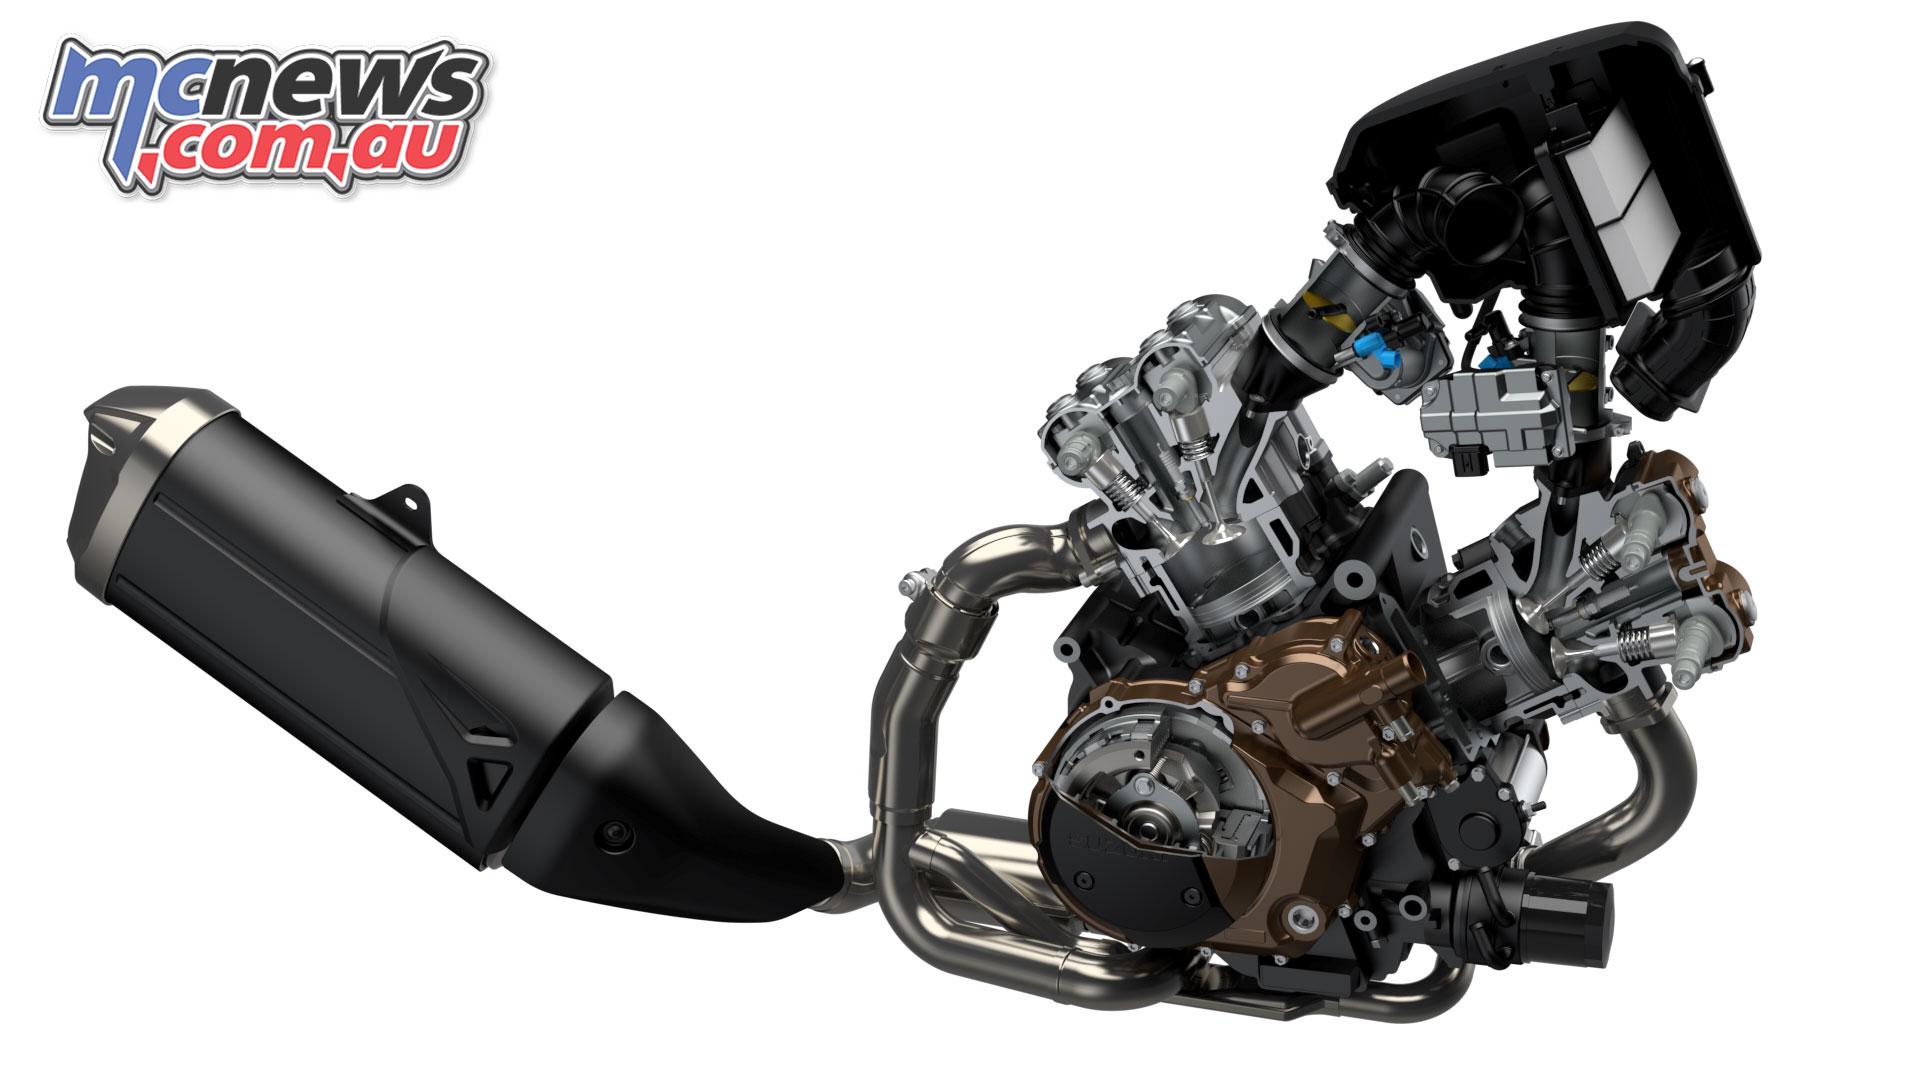 Suzuki V Strom XT DLRCM engine